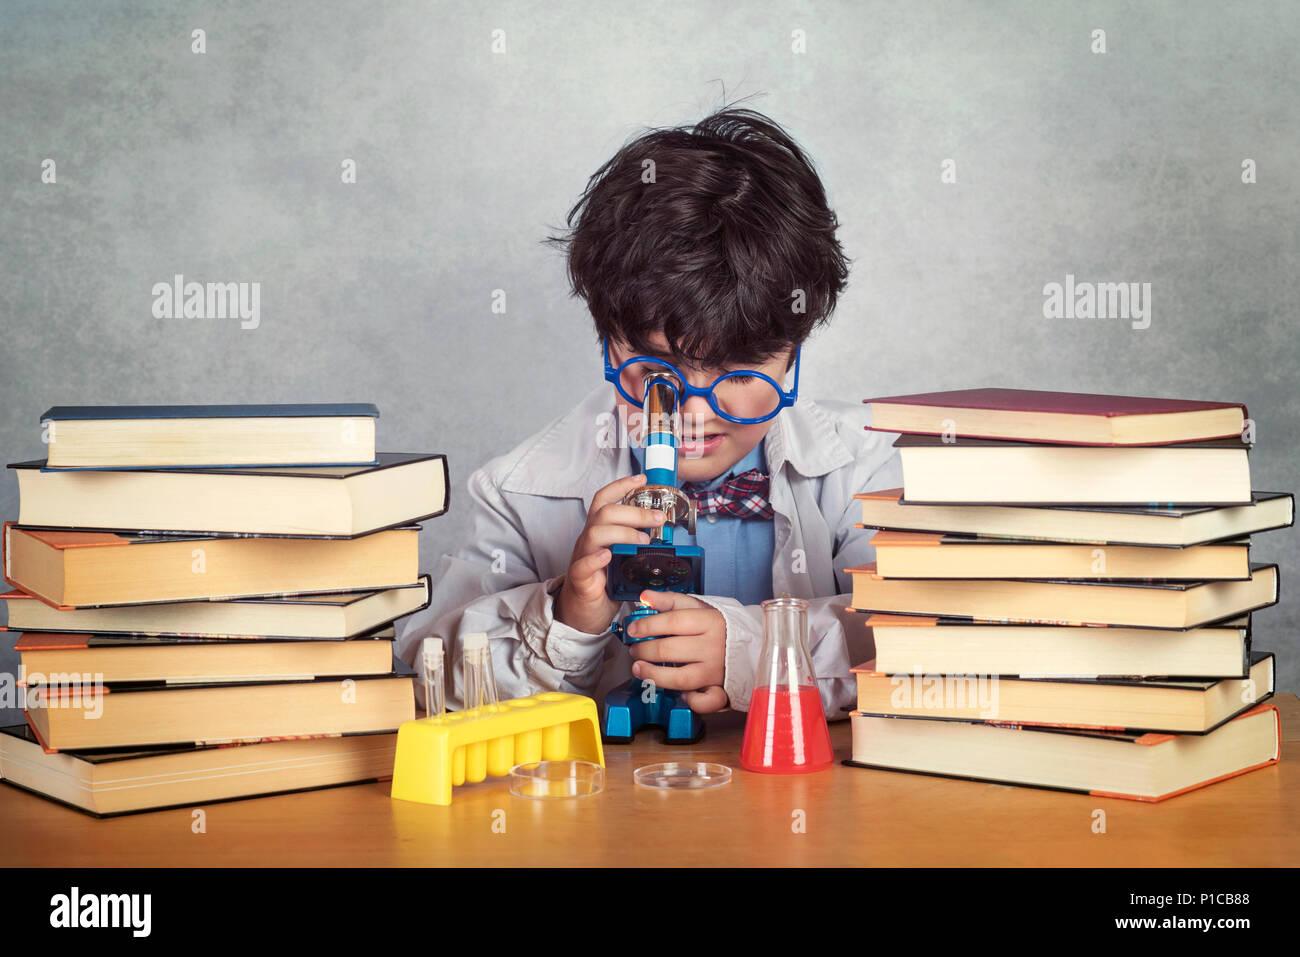 Junge ist die Wissenschaft Experimente auf grauem Hintergrund Stockbild